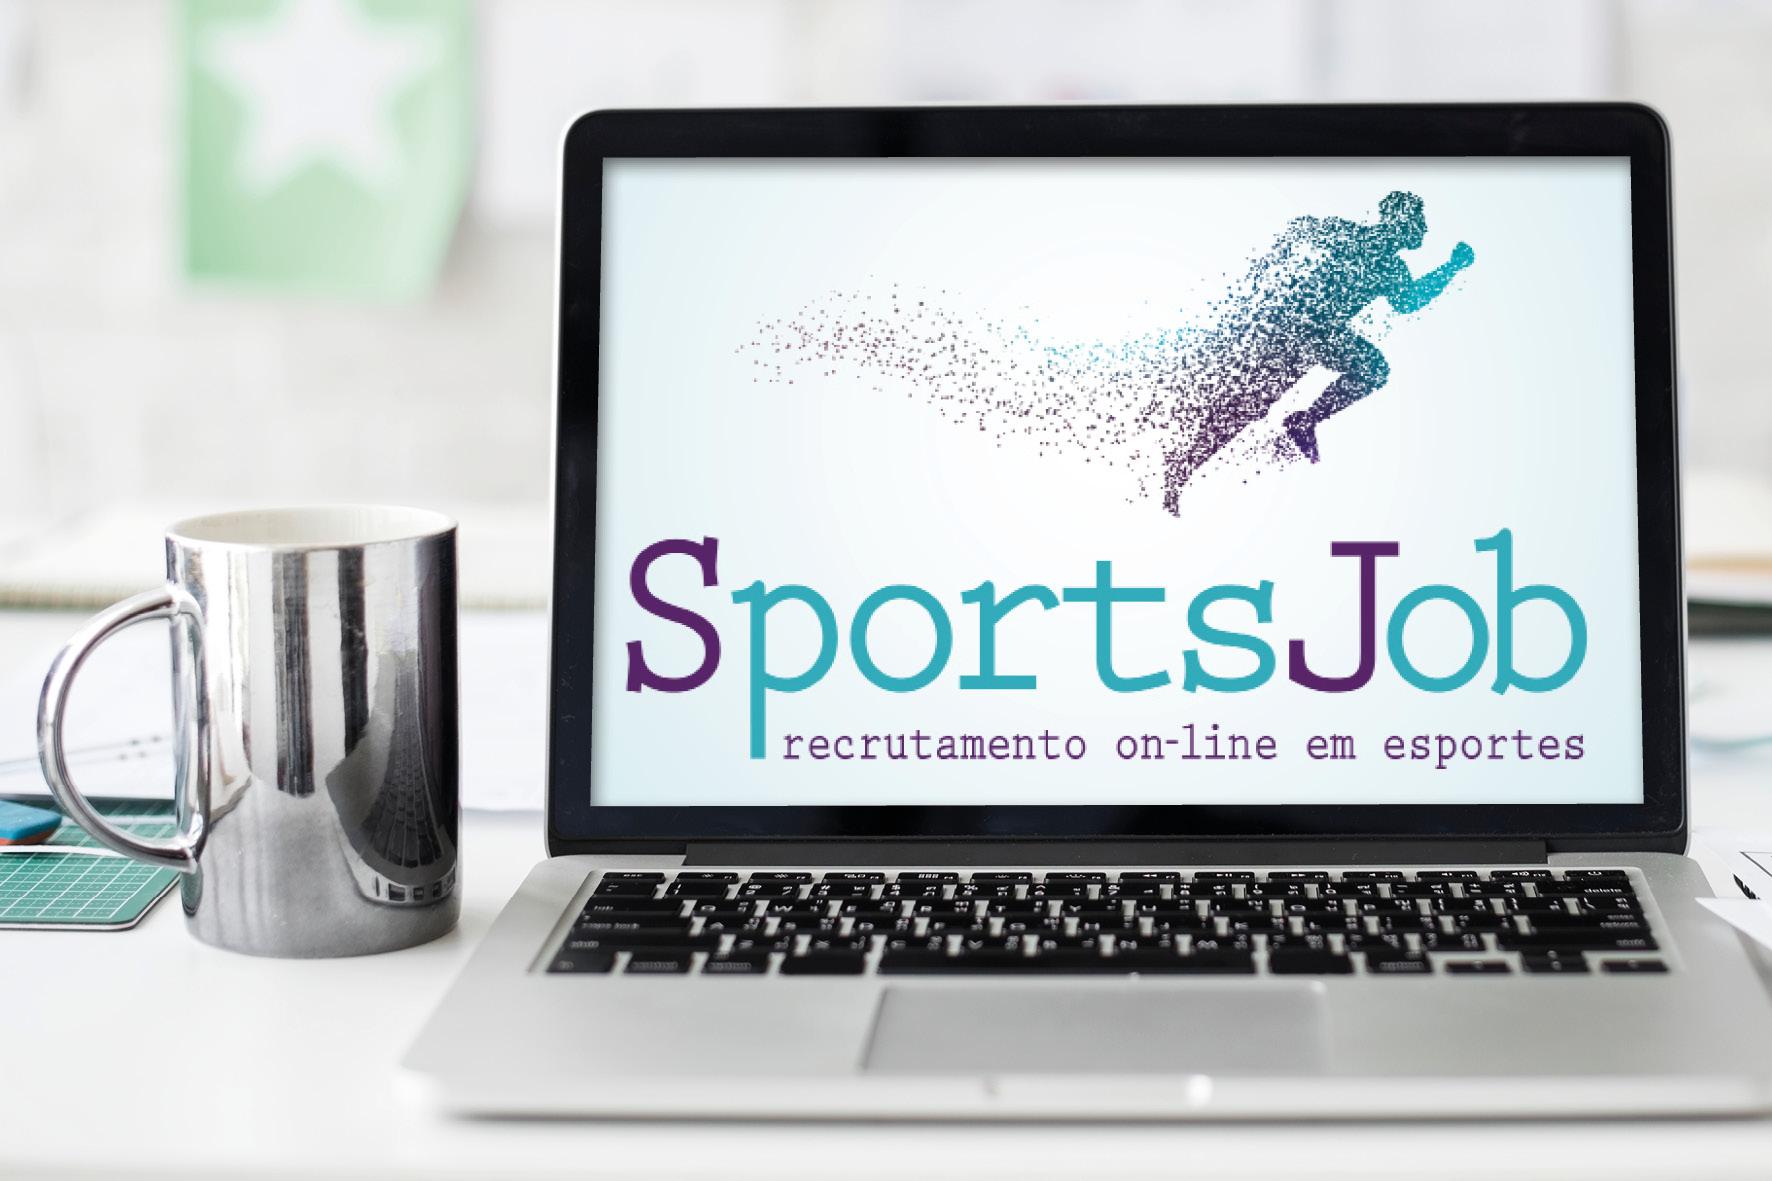 SportsJob